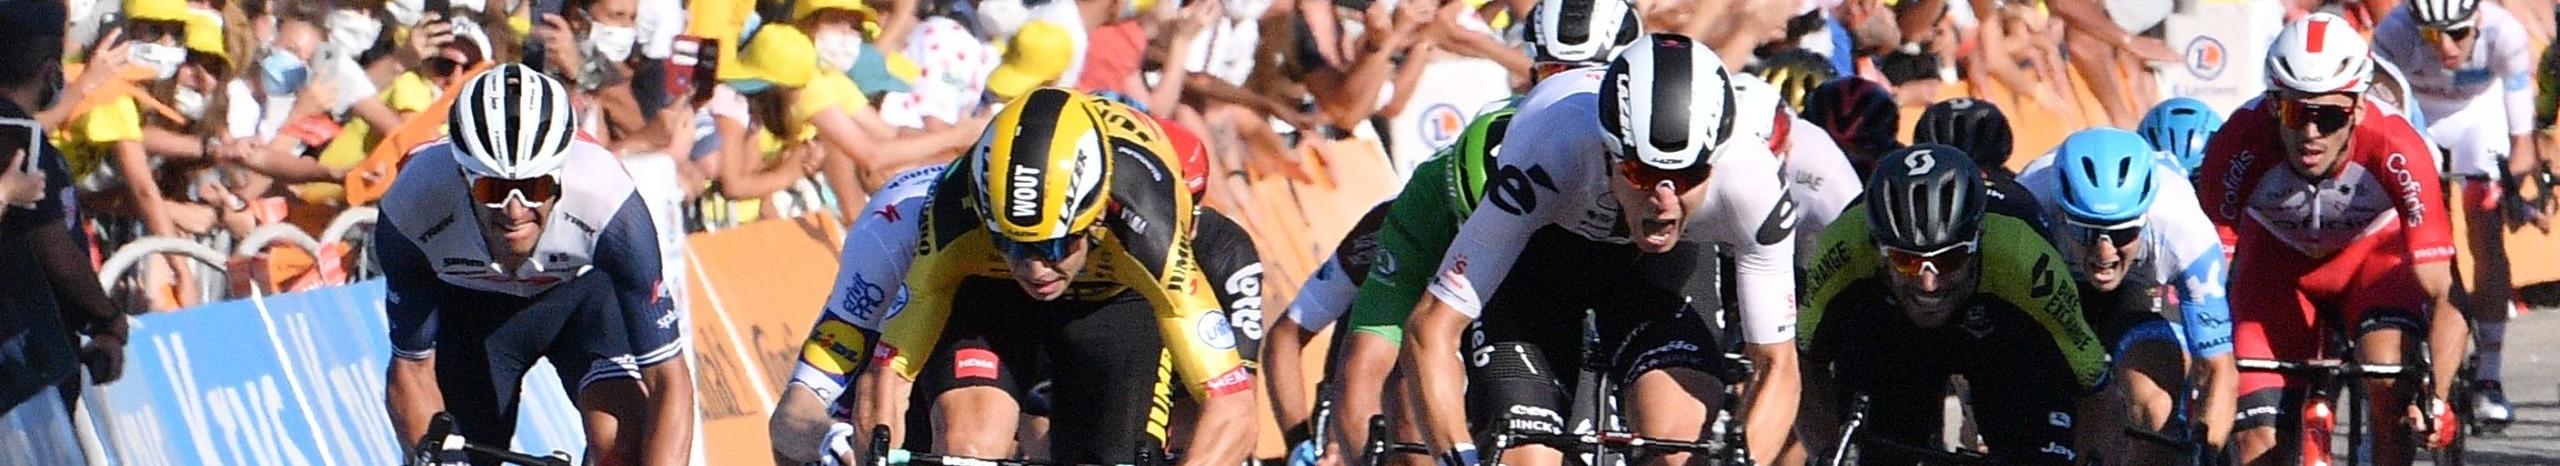 Tour de France 2020, quote e favoriti per la tappa 19: la quiete prima della tempesta